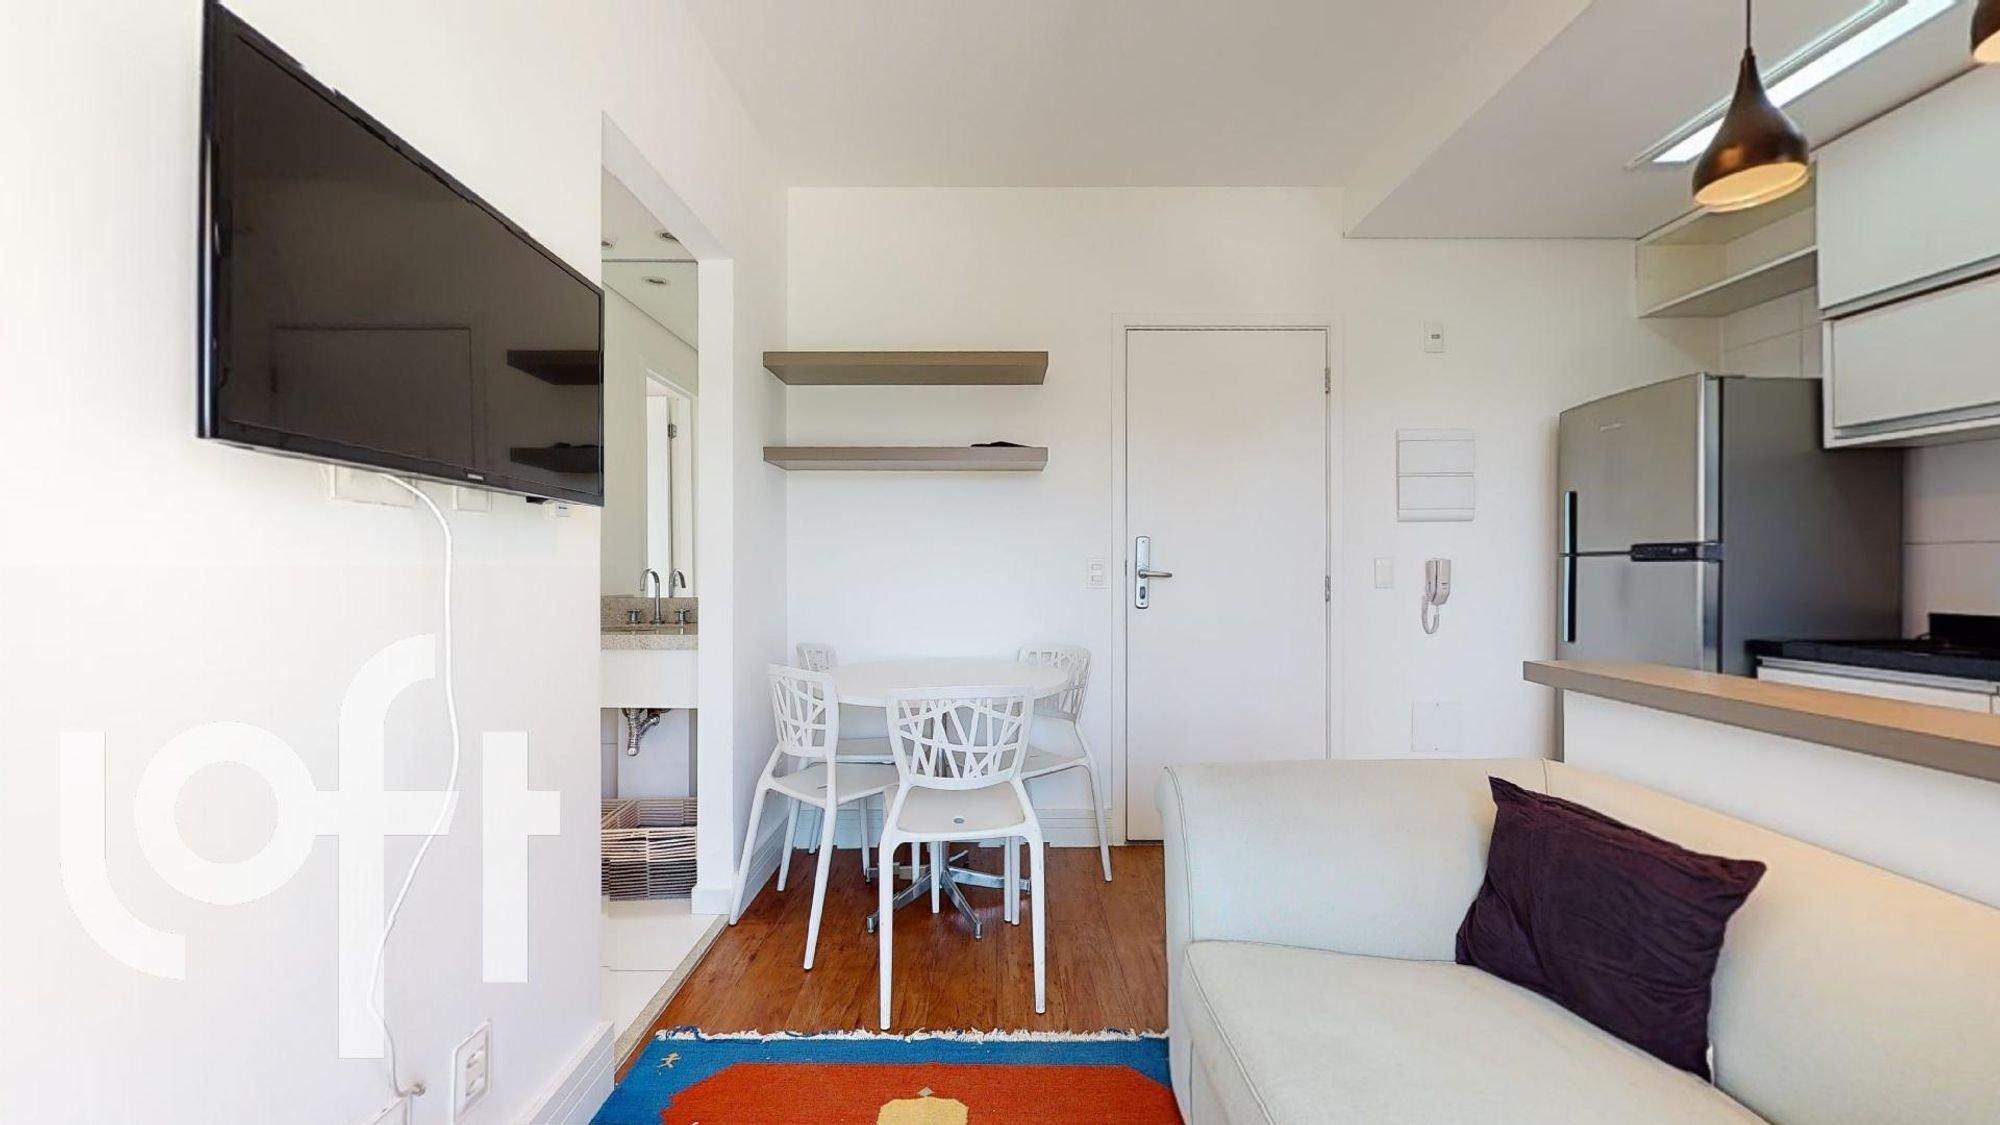 Foto de Cozinha com sofá, televisão, cadeira